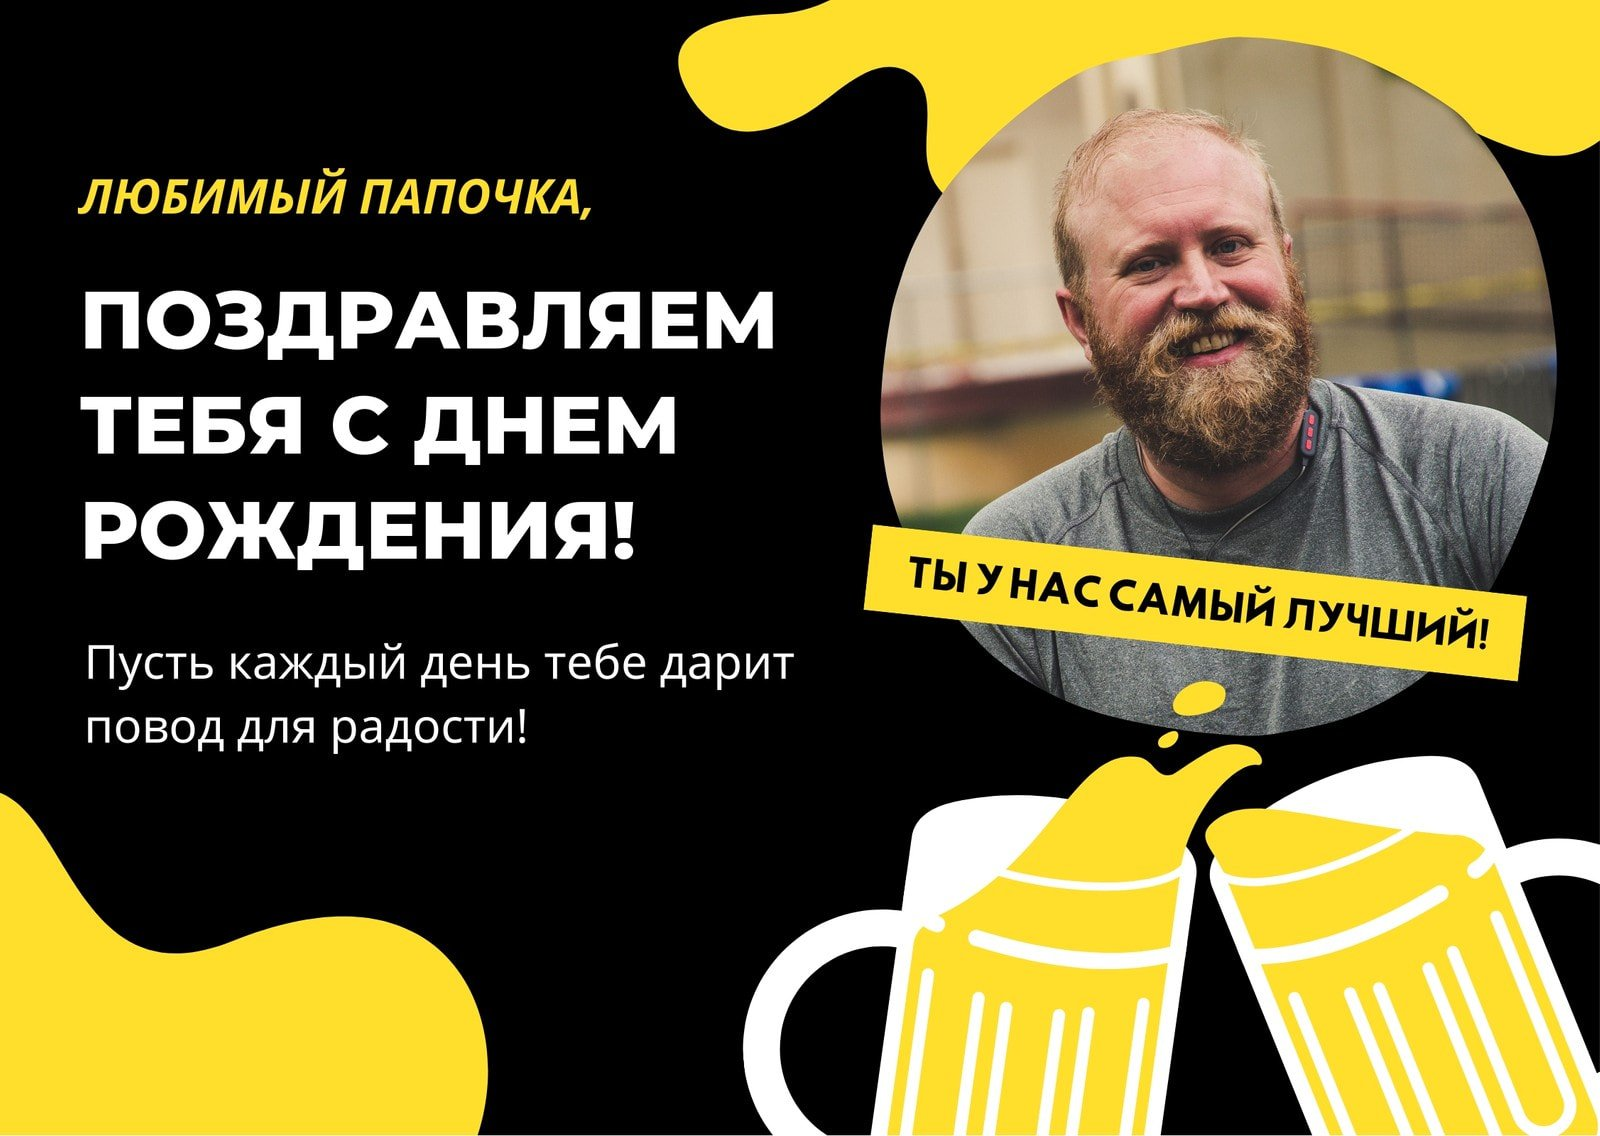 Желто-черная открытка на день рождения папы с фотографией